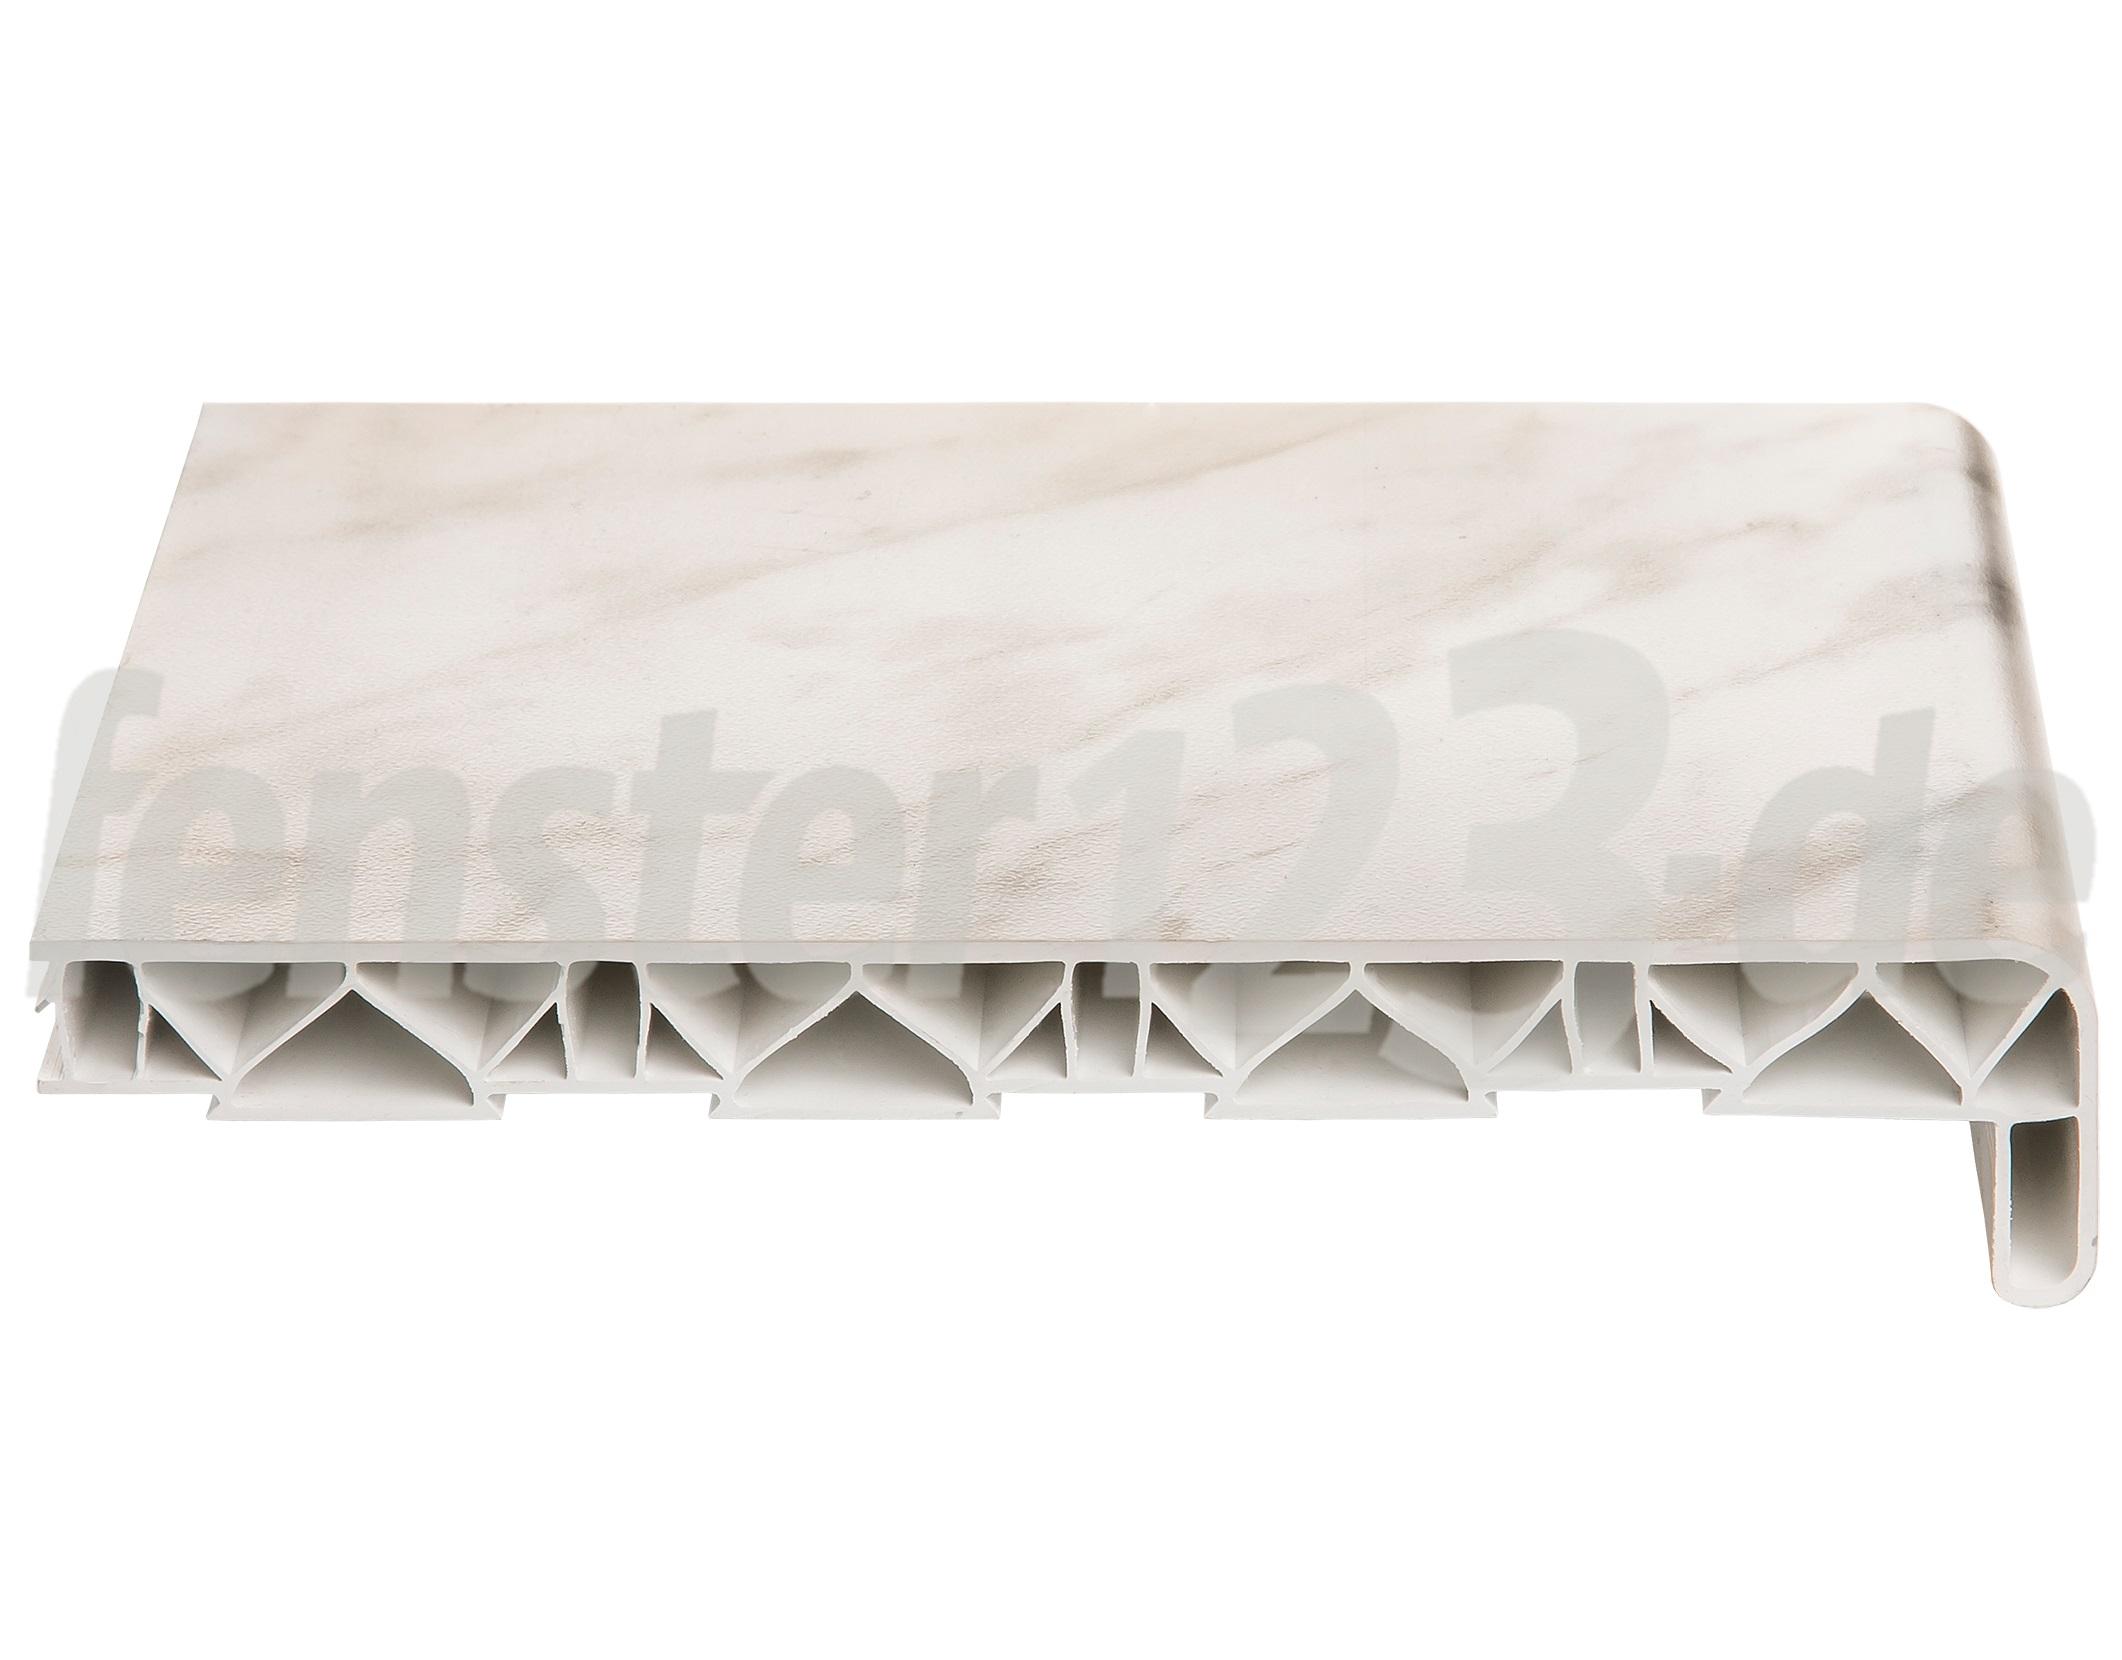 fensterbank innen marmor alle l ngen tiefen pvc inkl endkappen kunststoff ebay. Black Bedroom Furniture Sets. Home Design Ideas